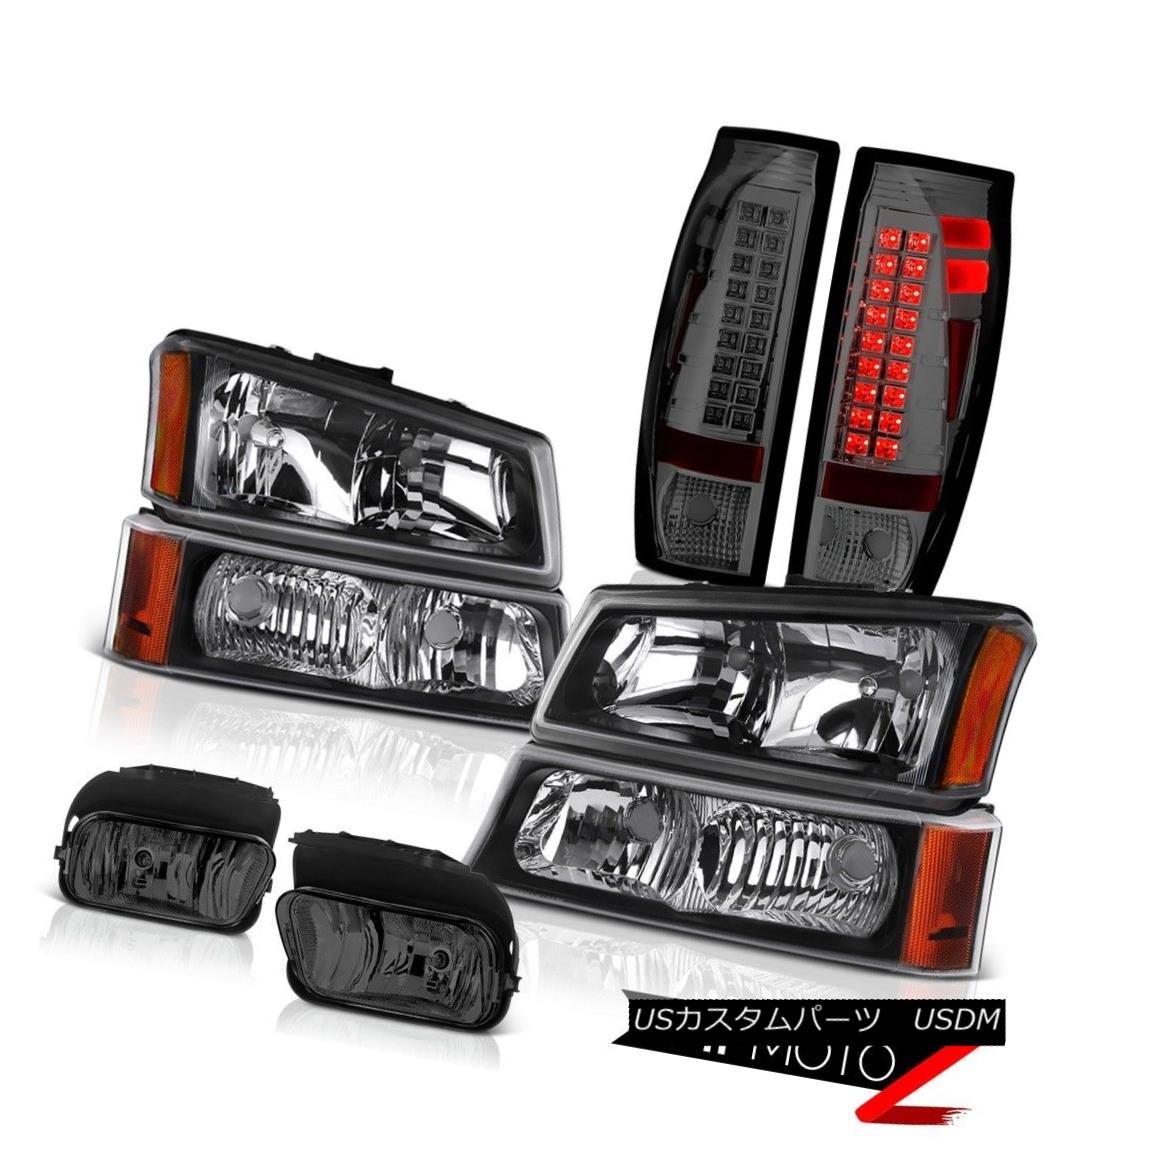 ヘッドライト 03 04 05 06 Avalanche 2500HD Smoked Foglamps Tail Lights Raven Black Headlights 03 04 05 06雪崩2500HDスモークフォグランプテールライトレイブンブラックヘッドライト